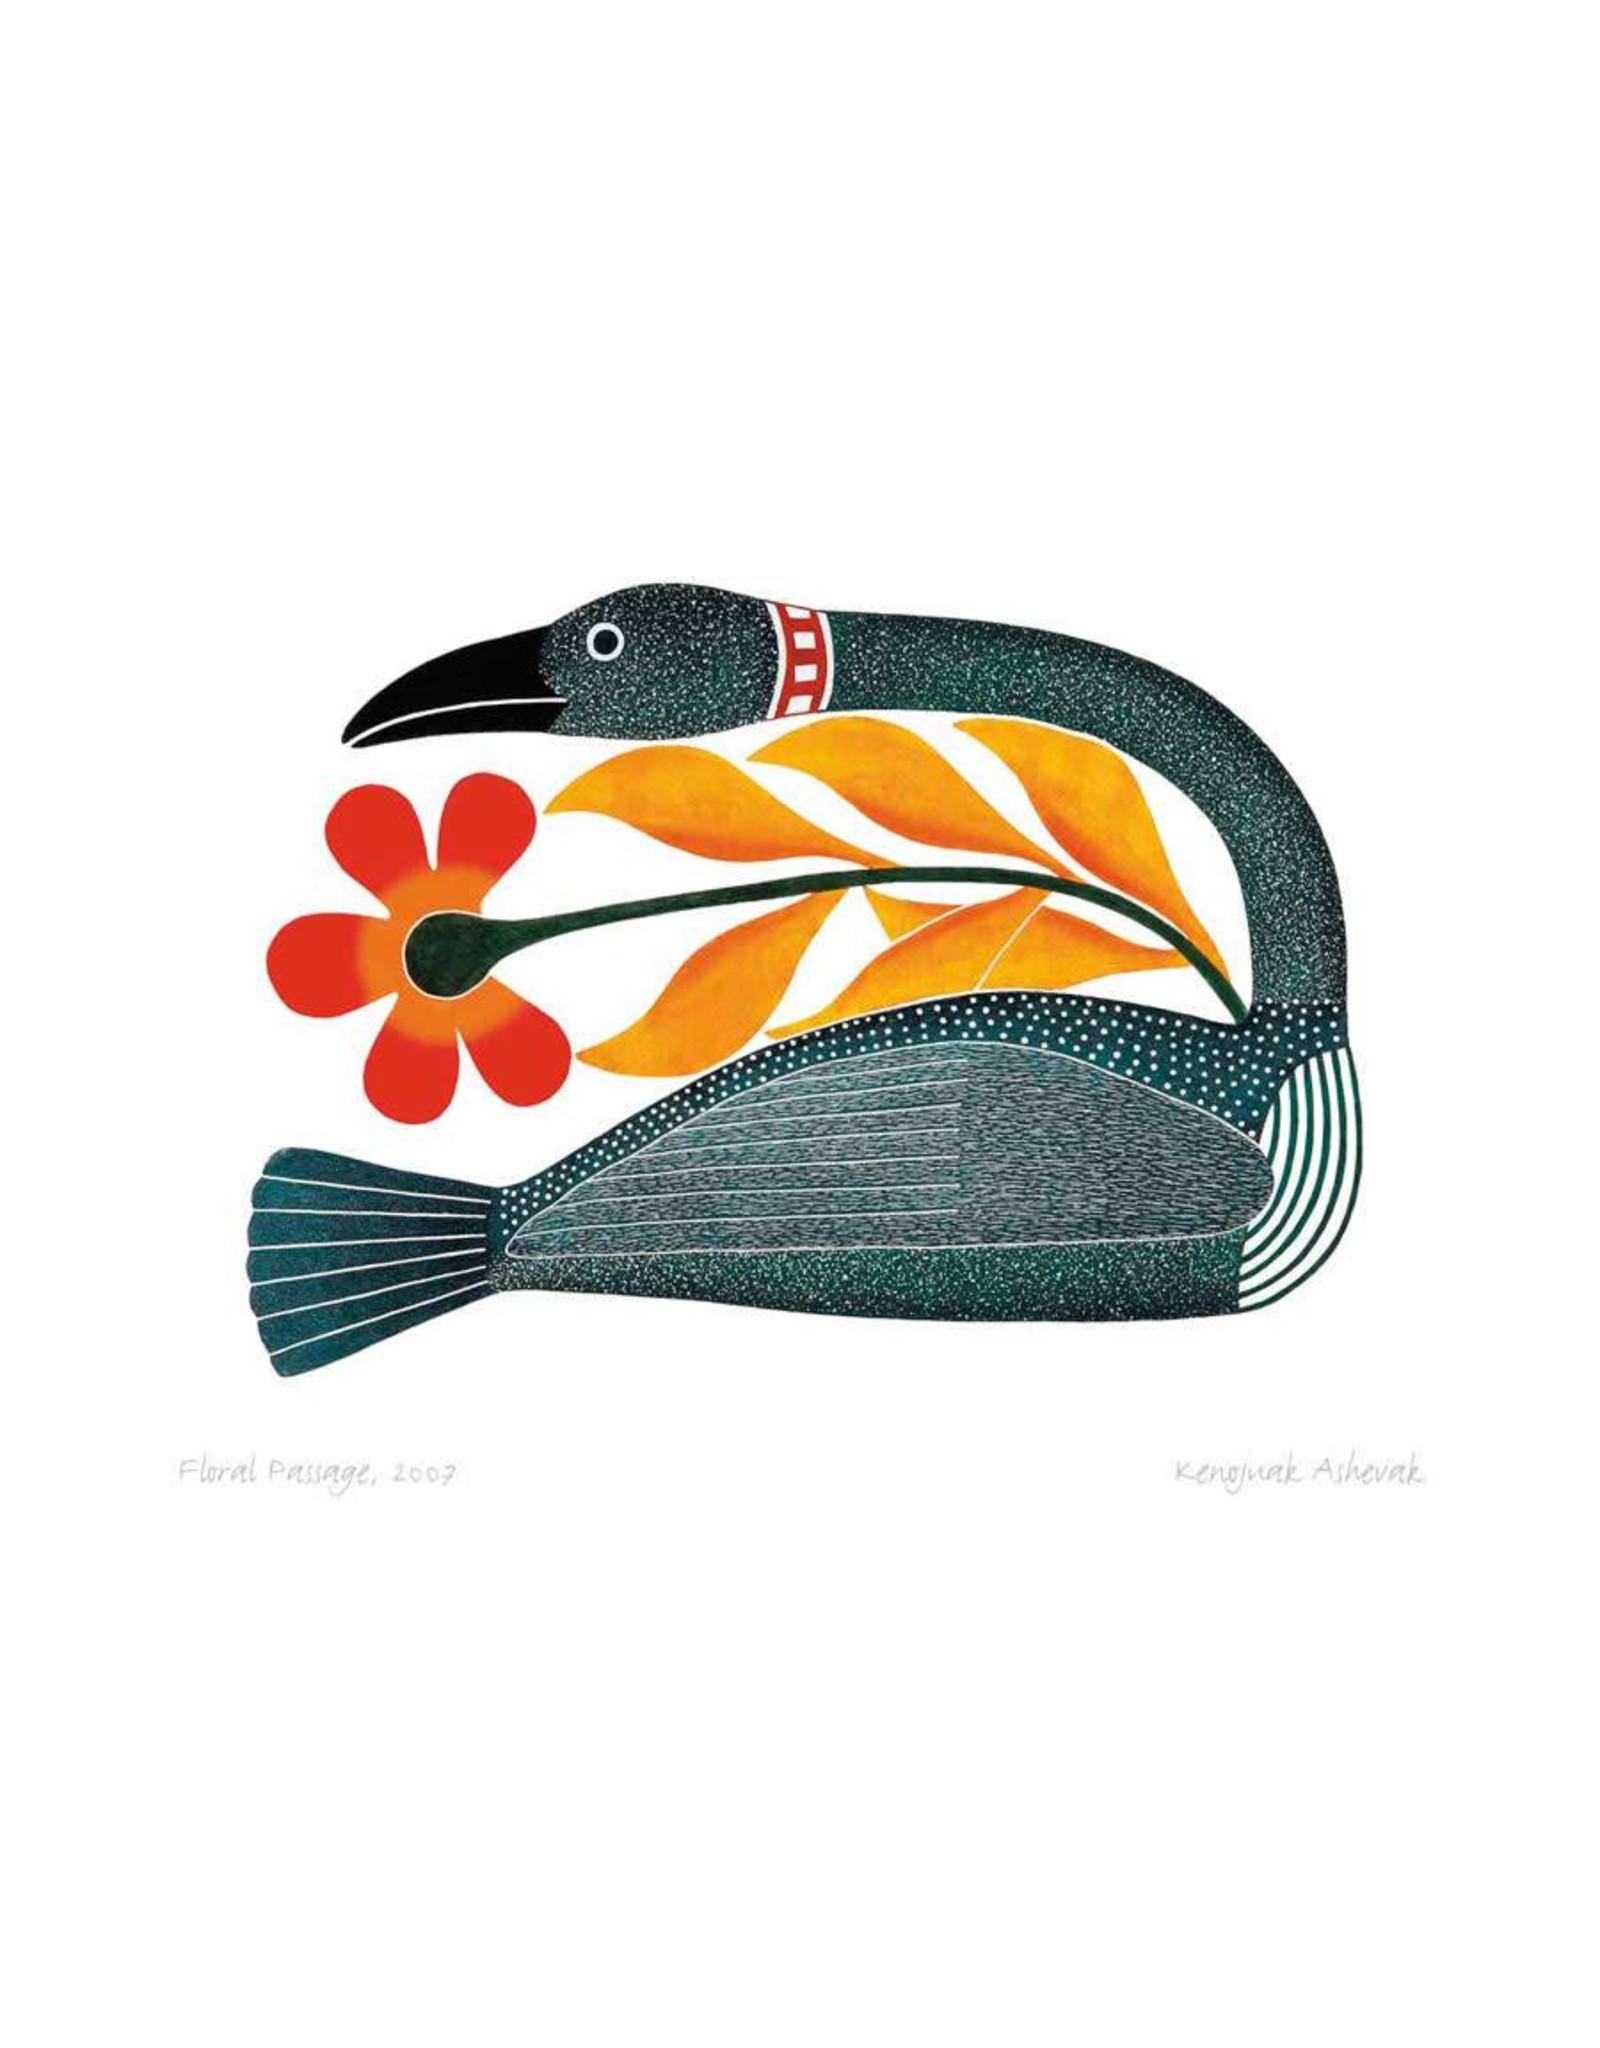 Floral Passage, 2007 by Kenojuak Ashevak Matted